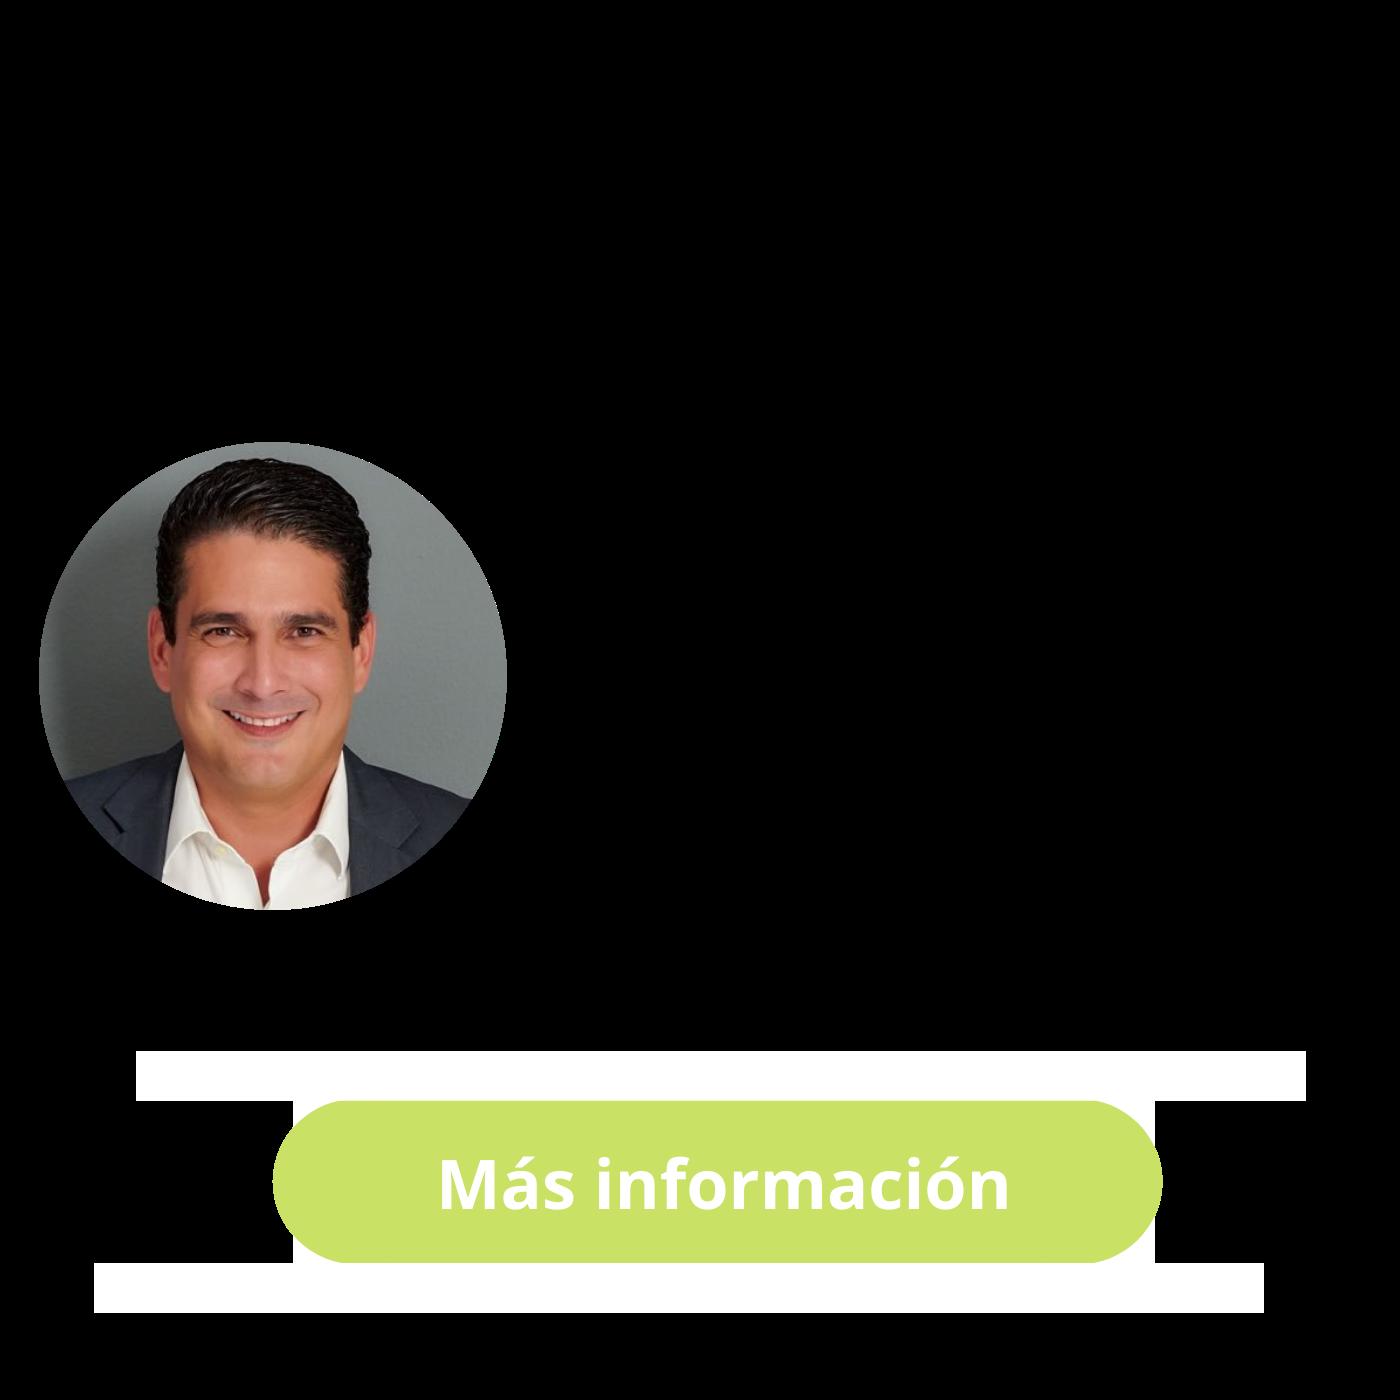 El Gobierno Municipal Un Dinamizador De La Economía Tecleña. Newsletter. Infografía. Roberto d'Aubuisson. 2021